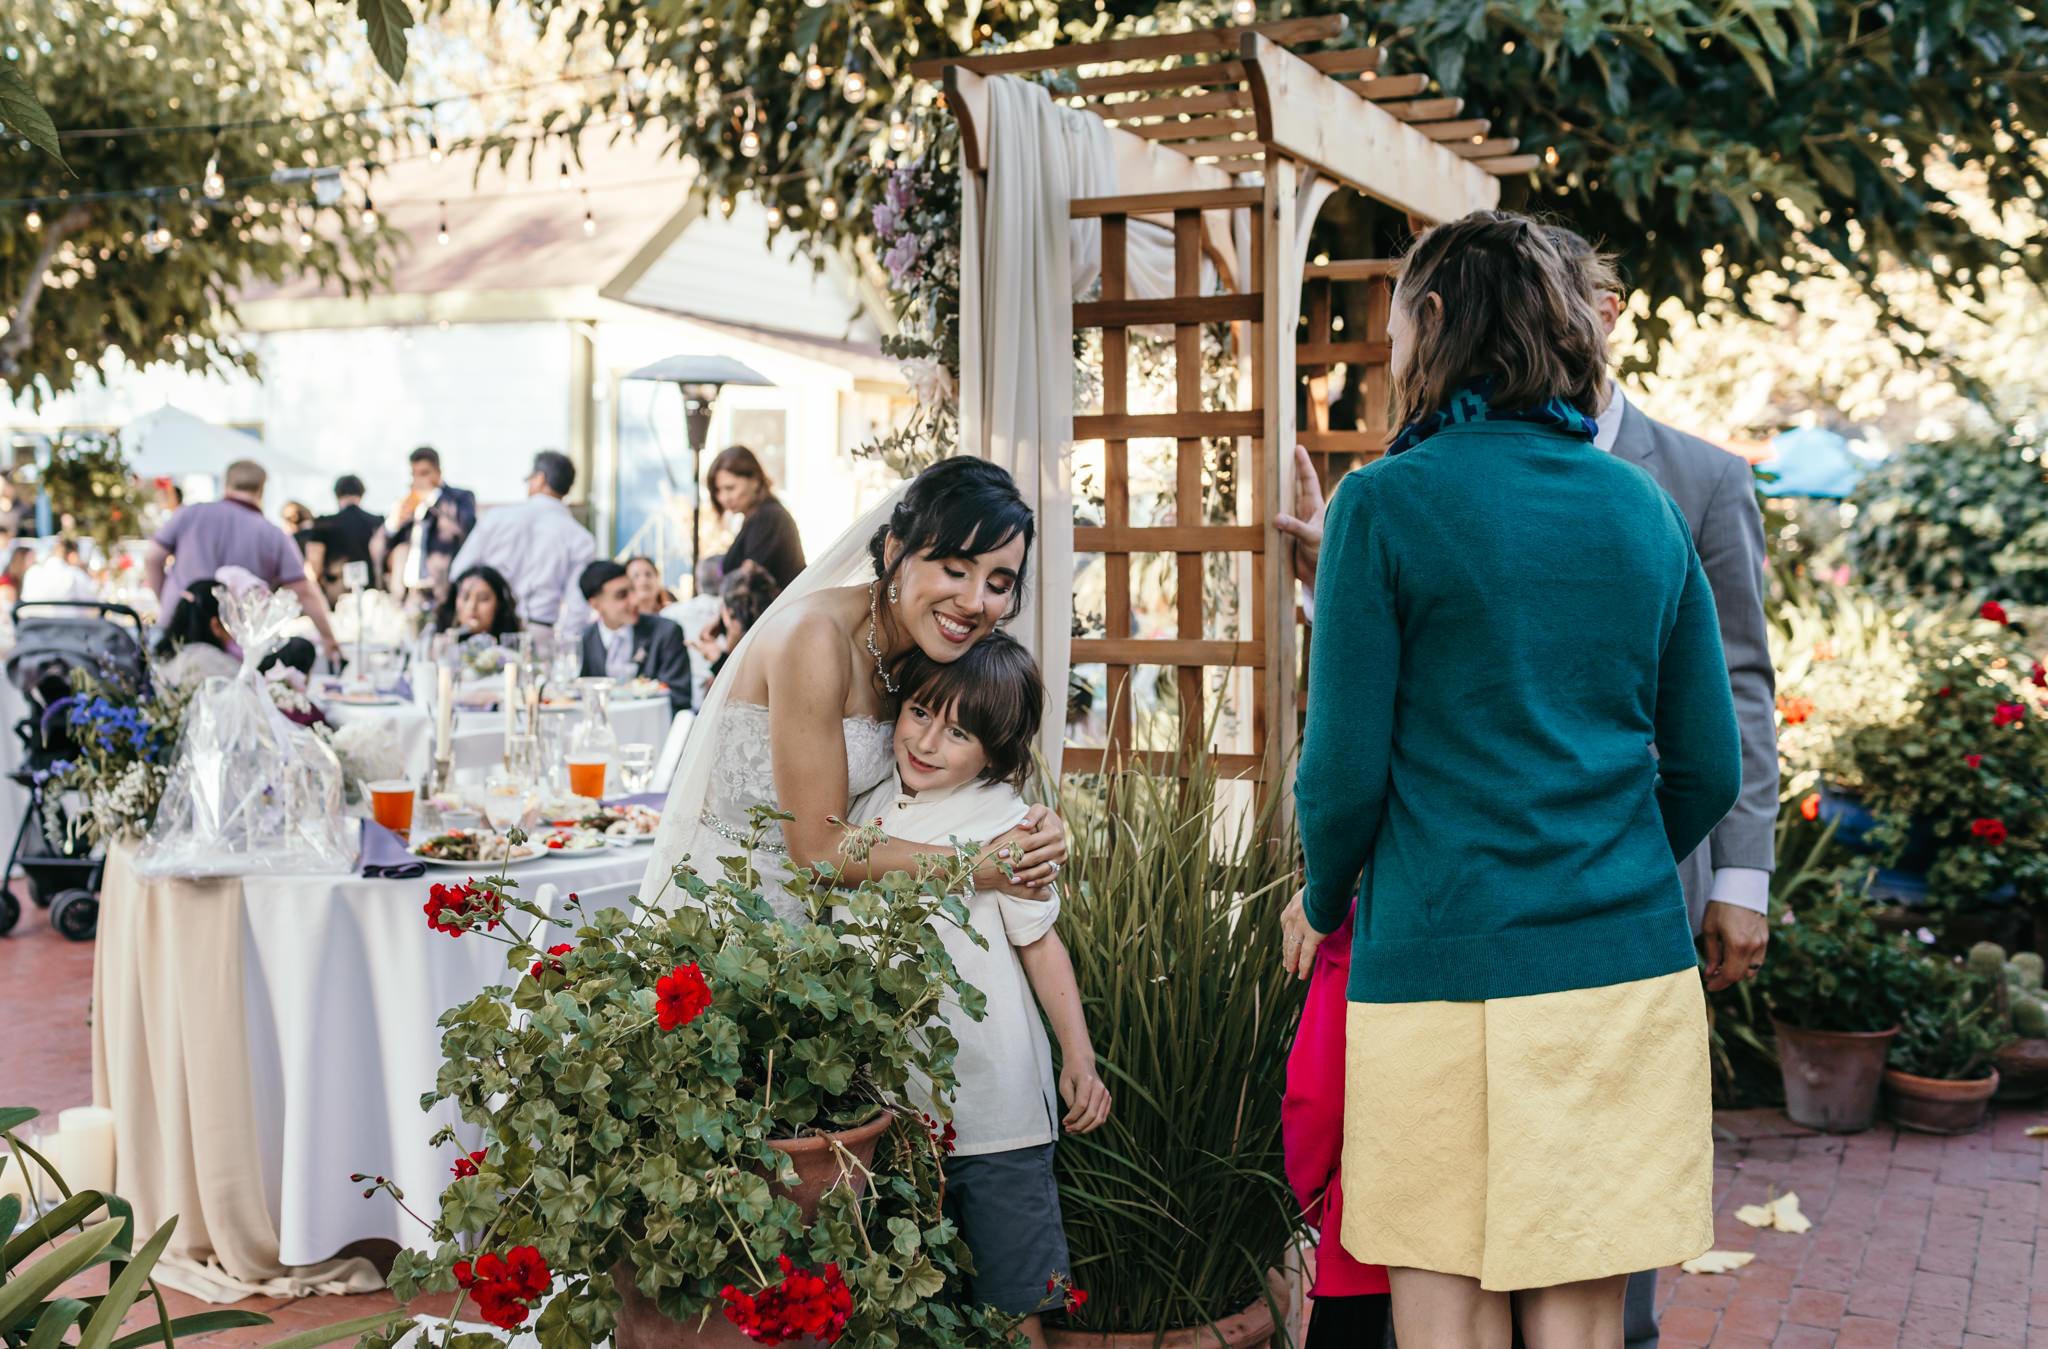 Jardines Outdoor Garden Wedding Reception Bride Hugging